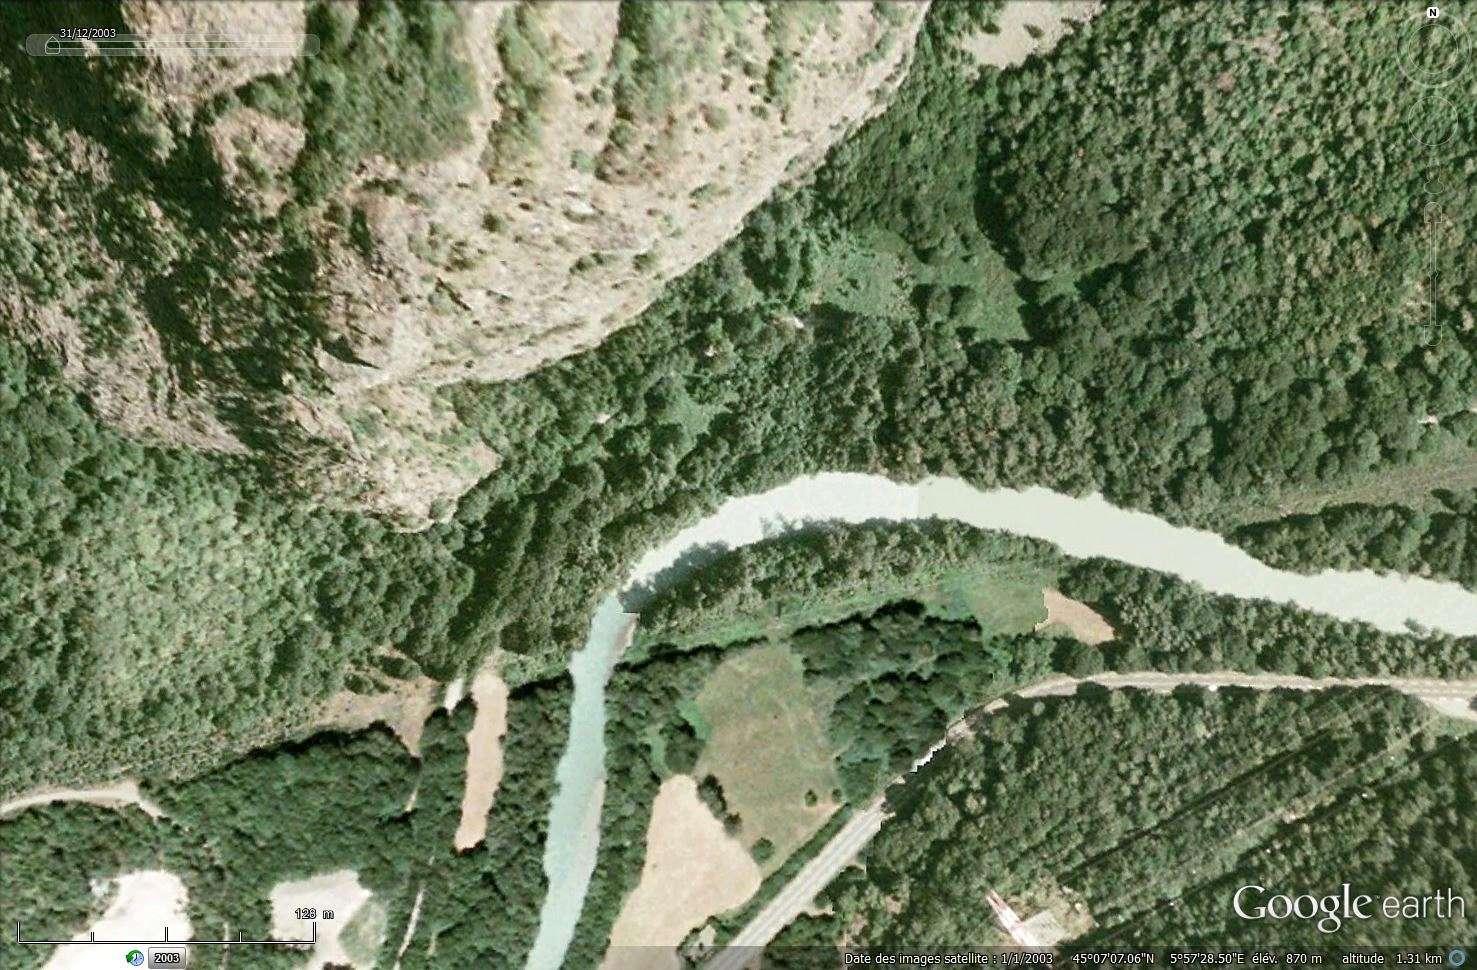 [Désormais visible sur Google Earth] - Le barrage hydroélectrique de Gavet sur la Romanche - Isère Tsge_193